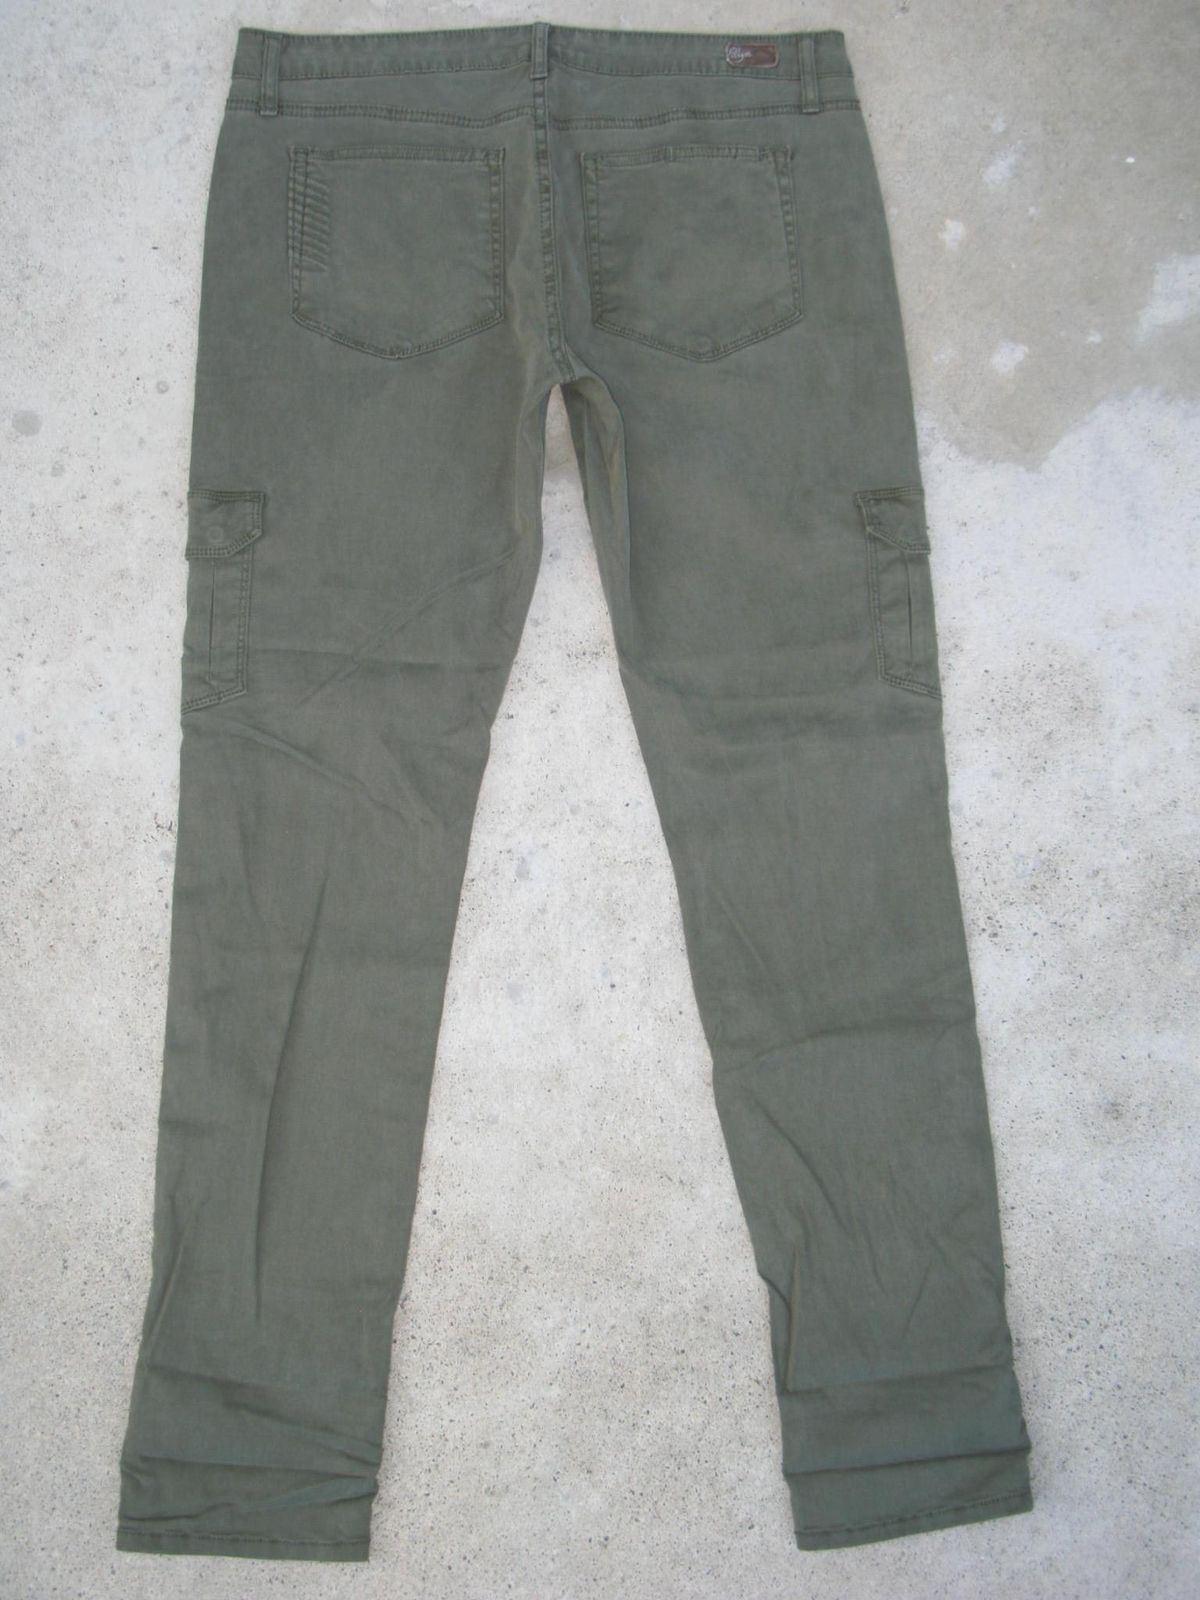 Paige Premium Jeans Womens Layne Skinny Cargo Sz 30 Stretchy Green